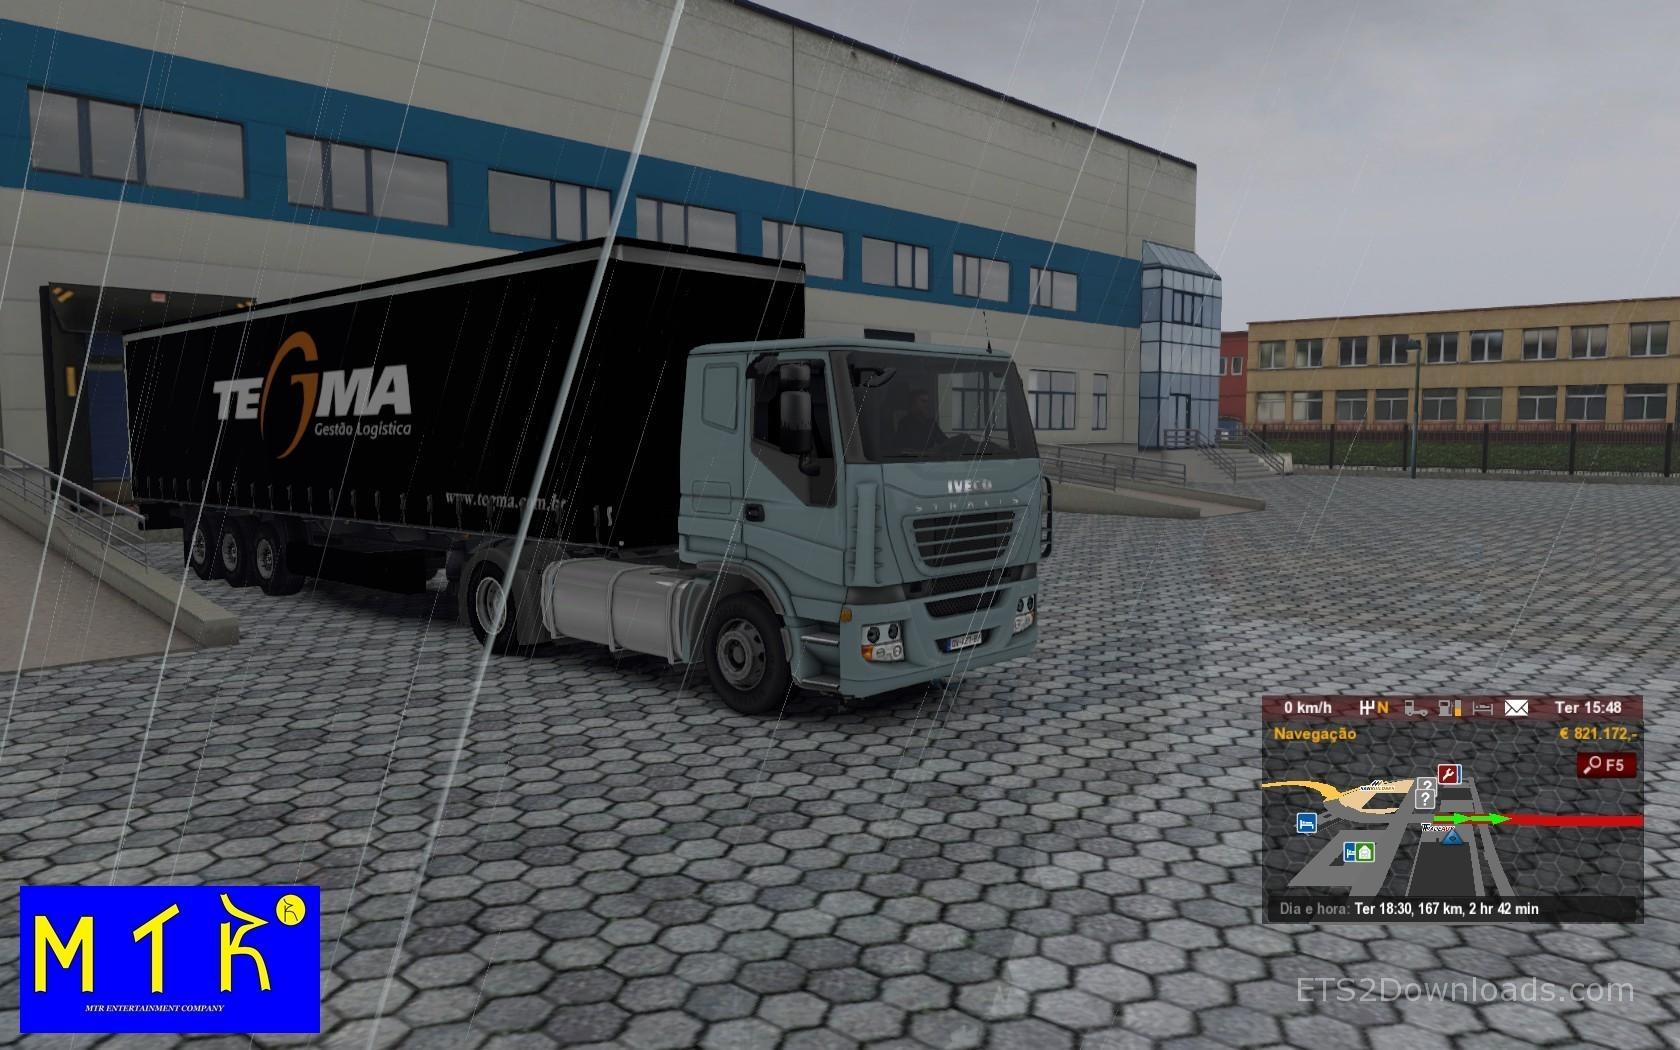 tegma-logistic-trailer